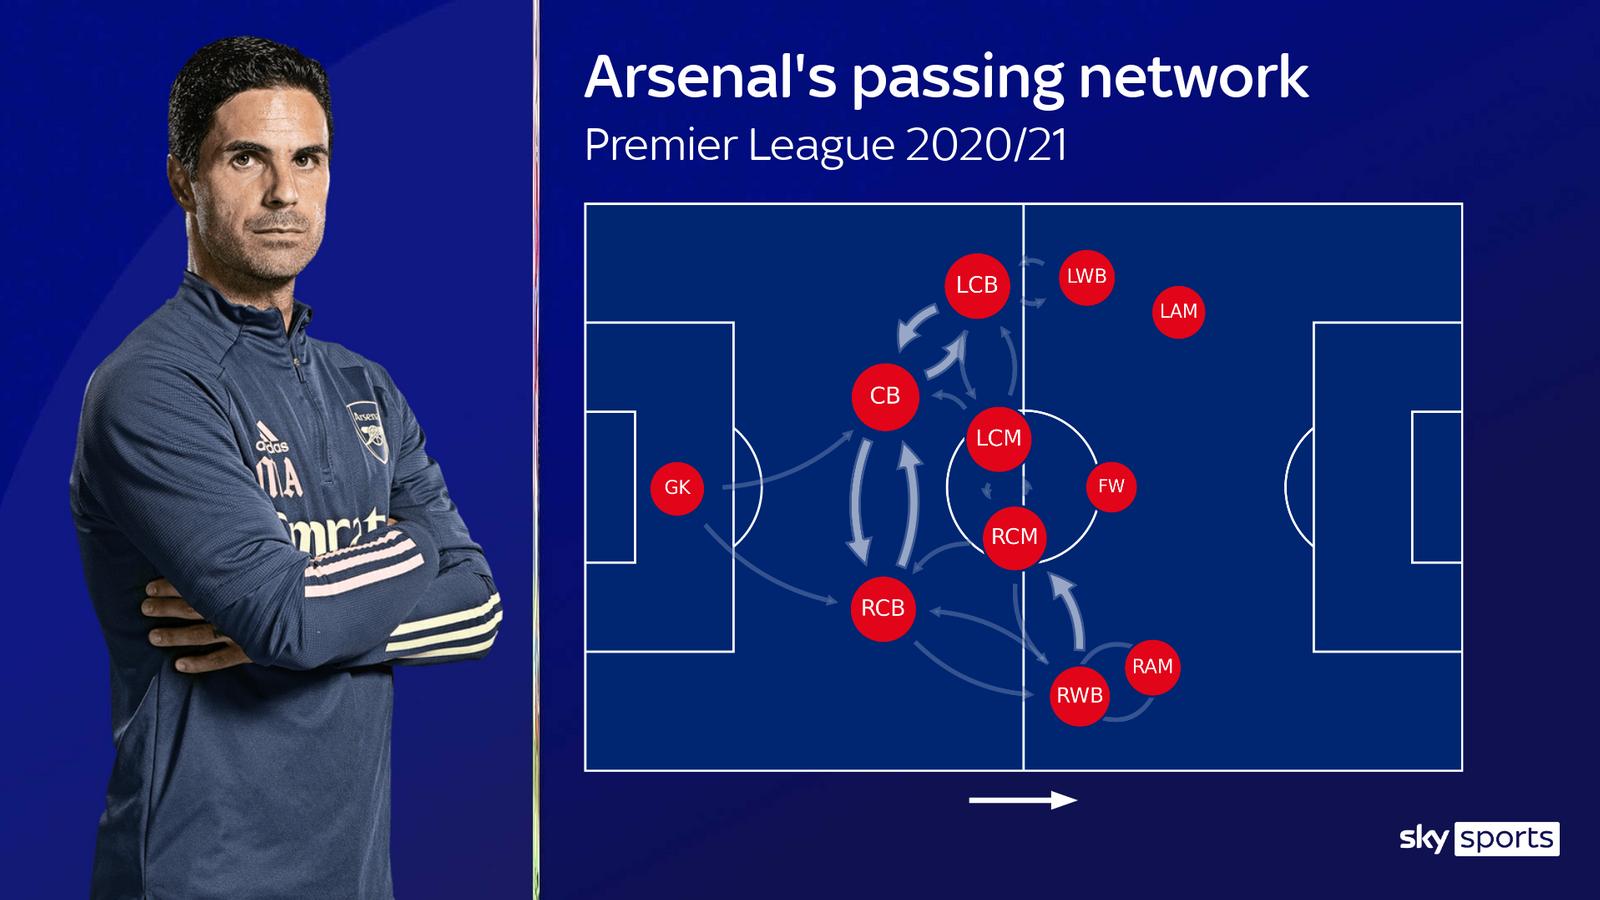 Arsenal Mikel Arteta đang sai khi tin vào những quả tạt hình ảnh